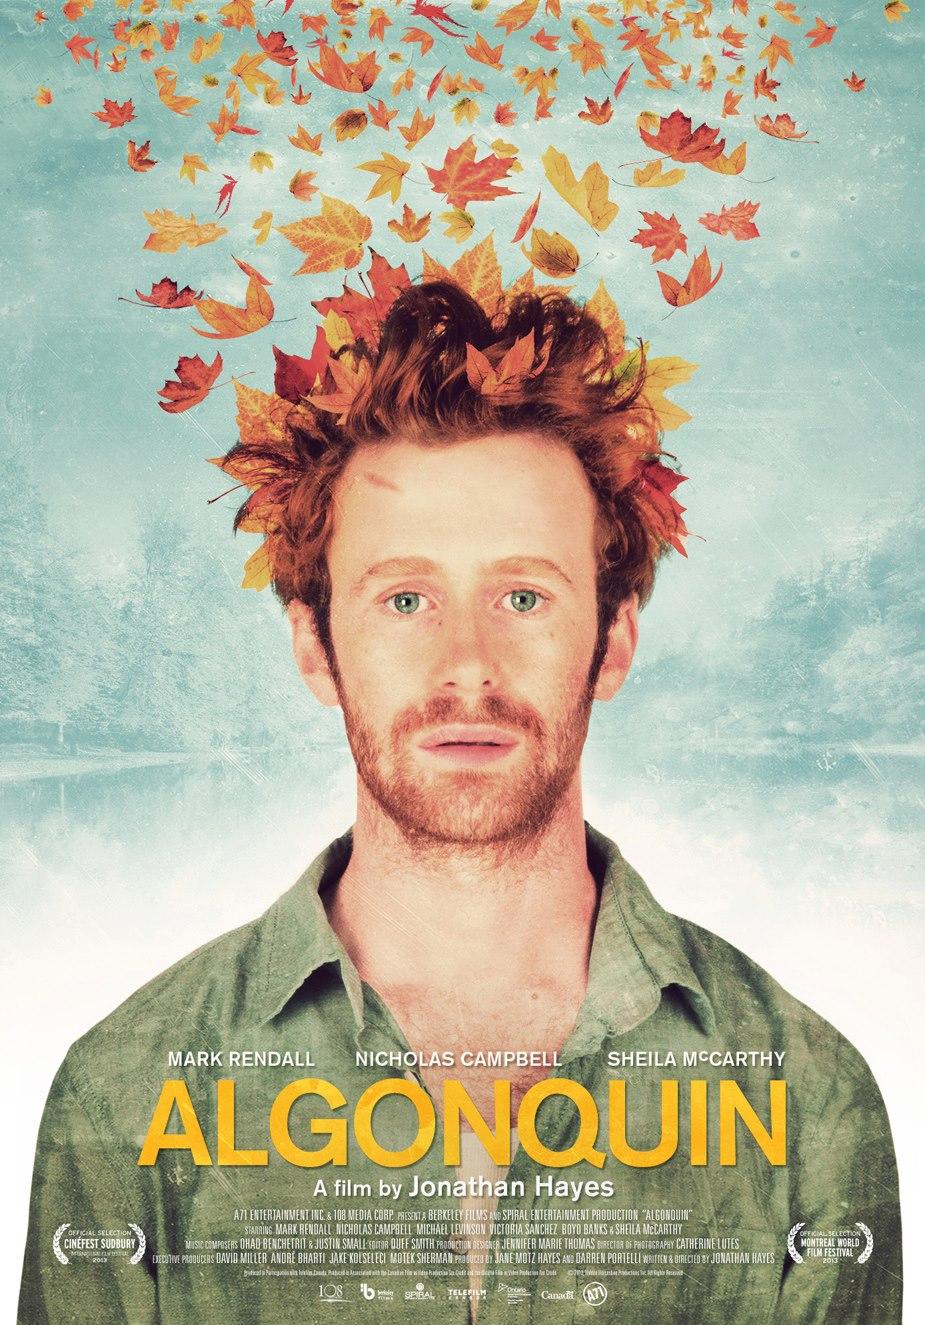 AlgonquinPoster